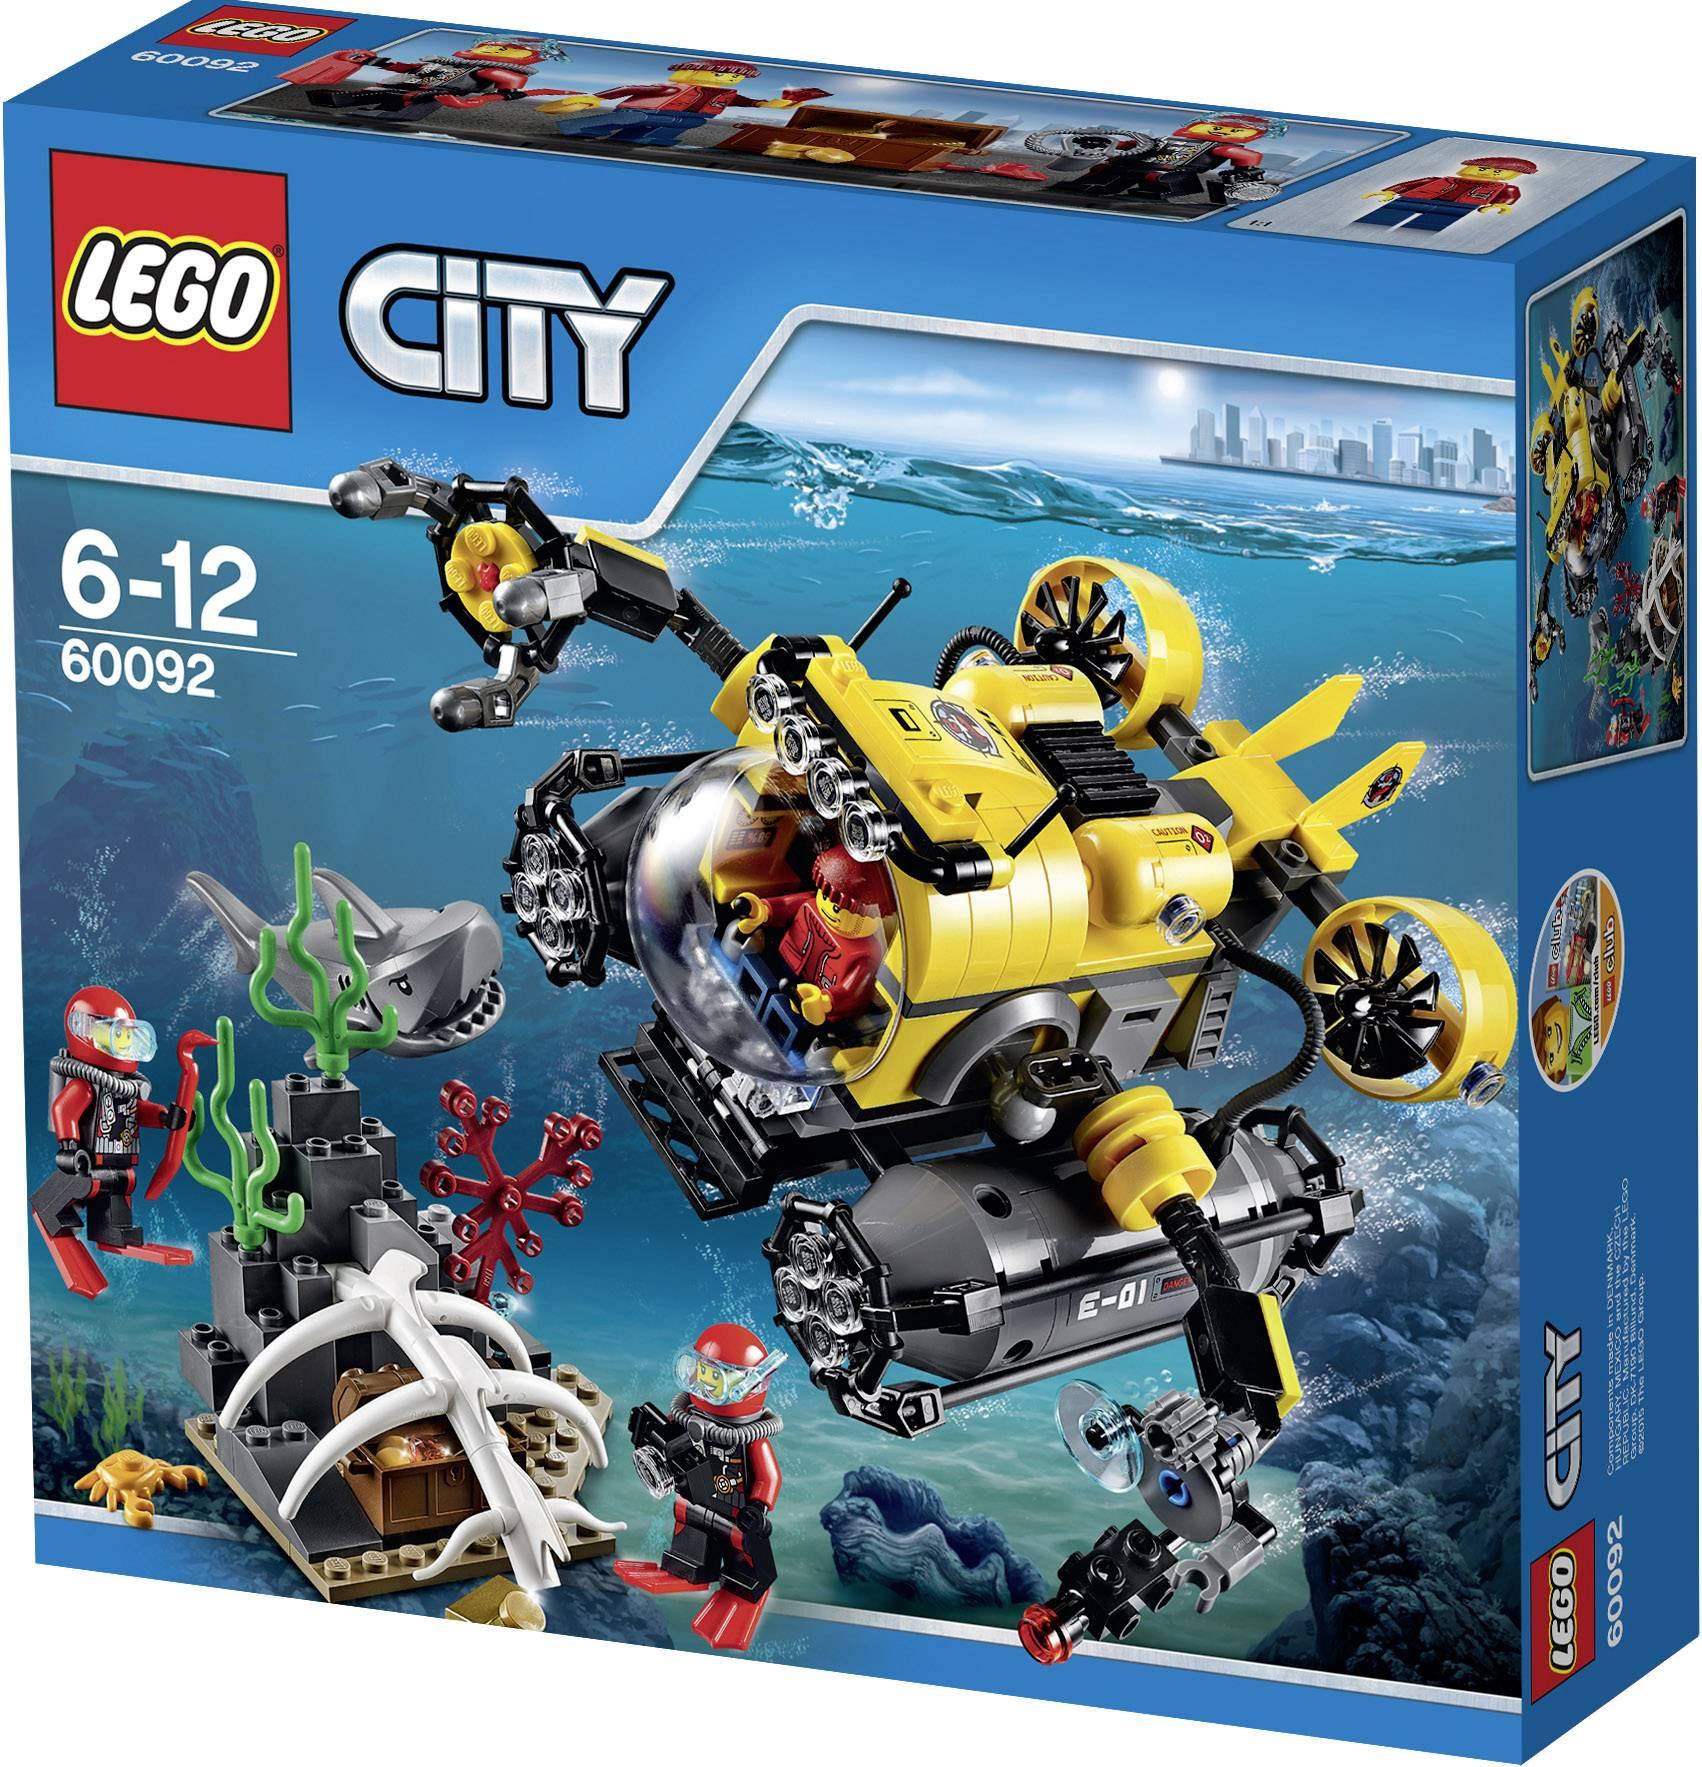 60092 Legopièces De Lego® L1ckfj City Nombre 274 E9IDHW2